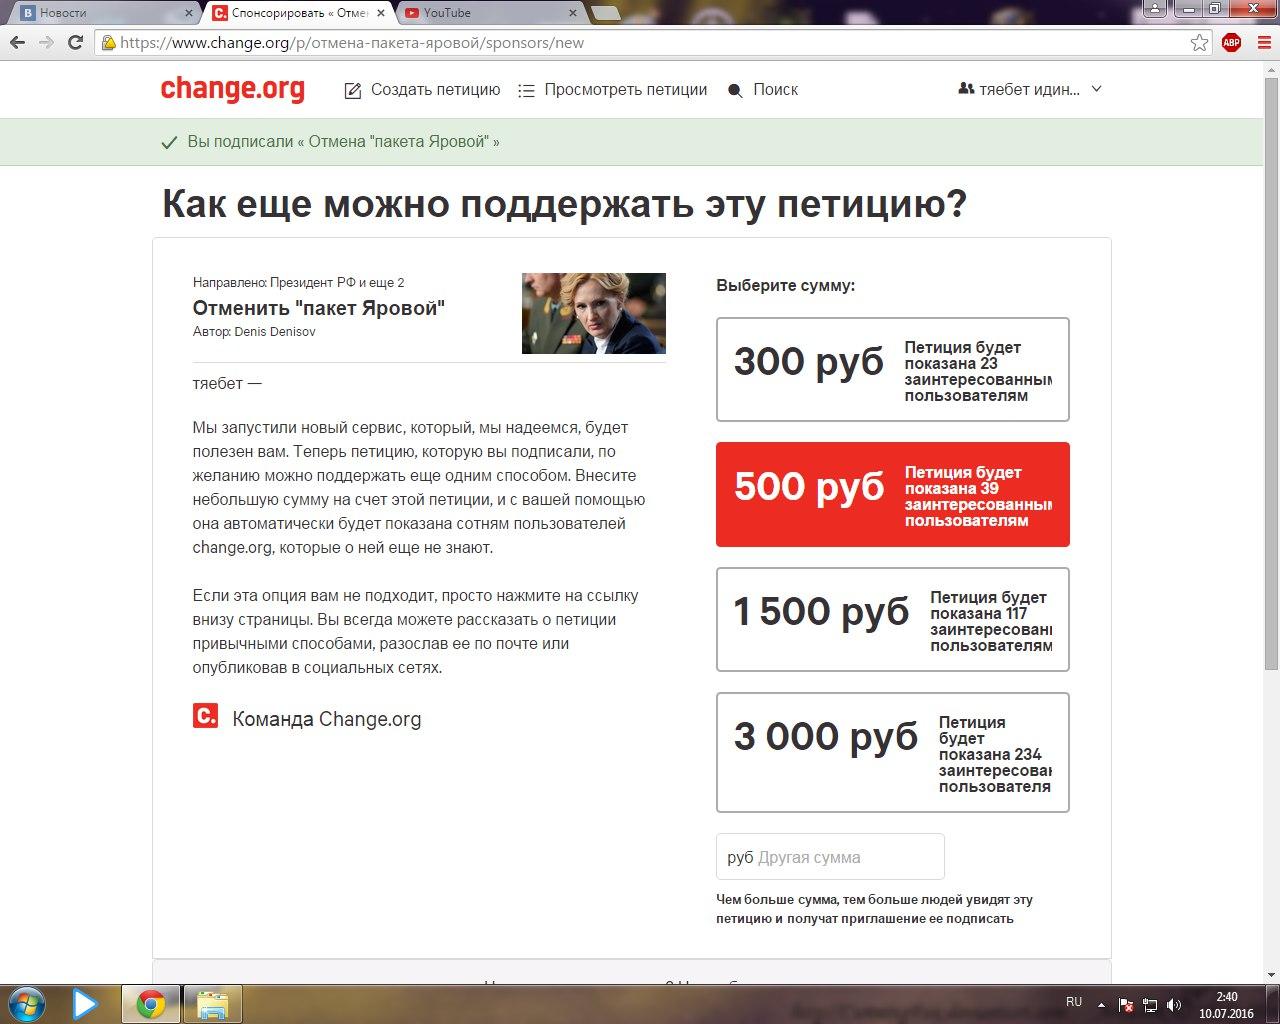 монетизация на change.org